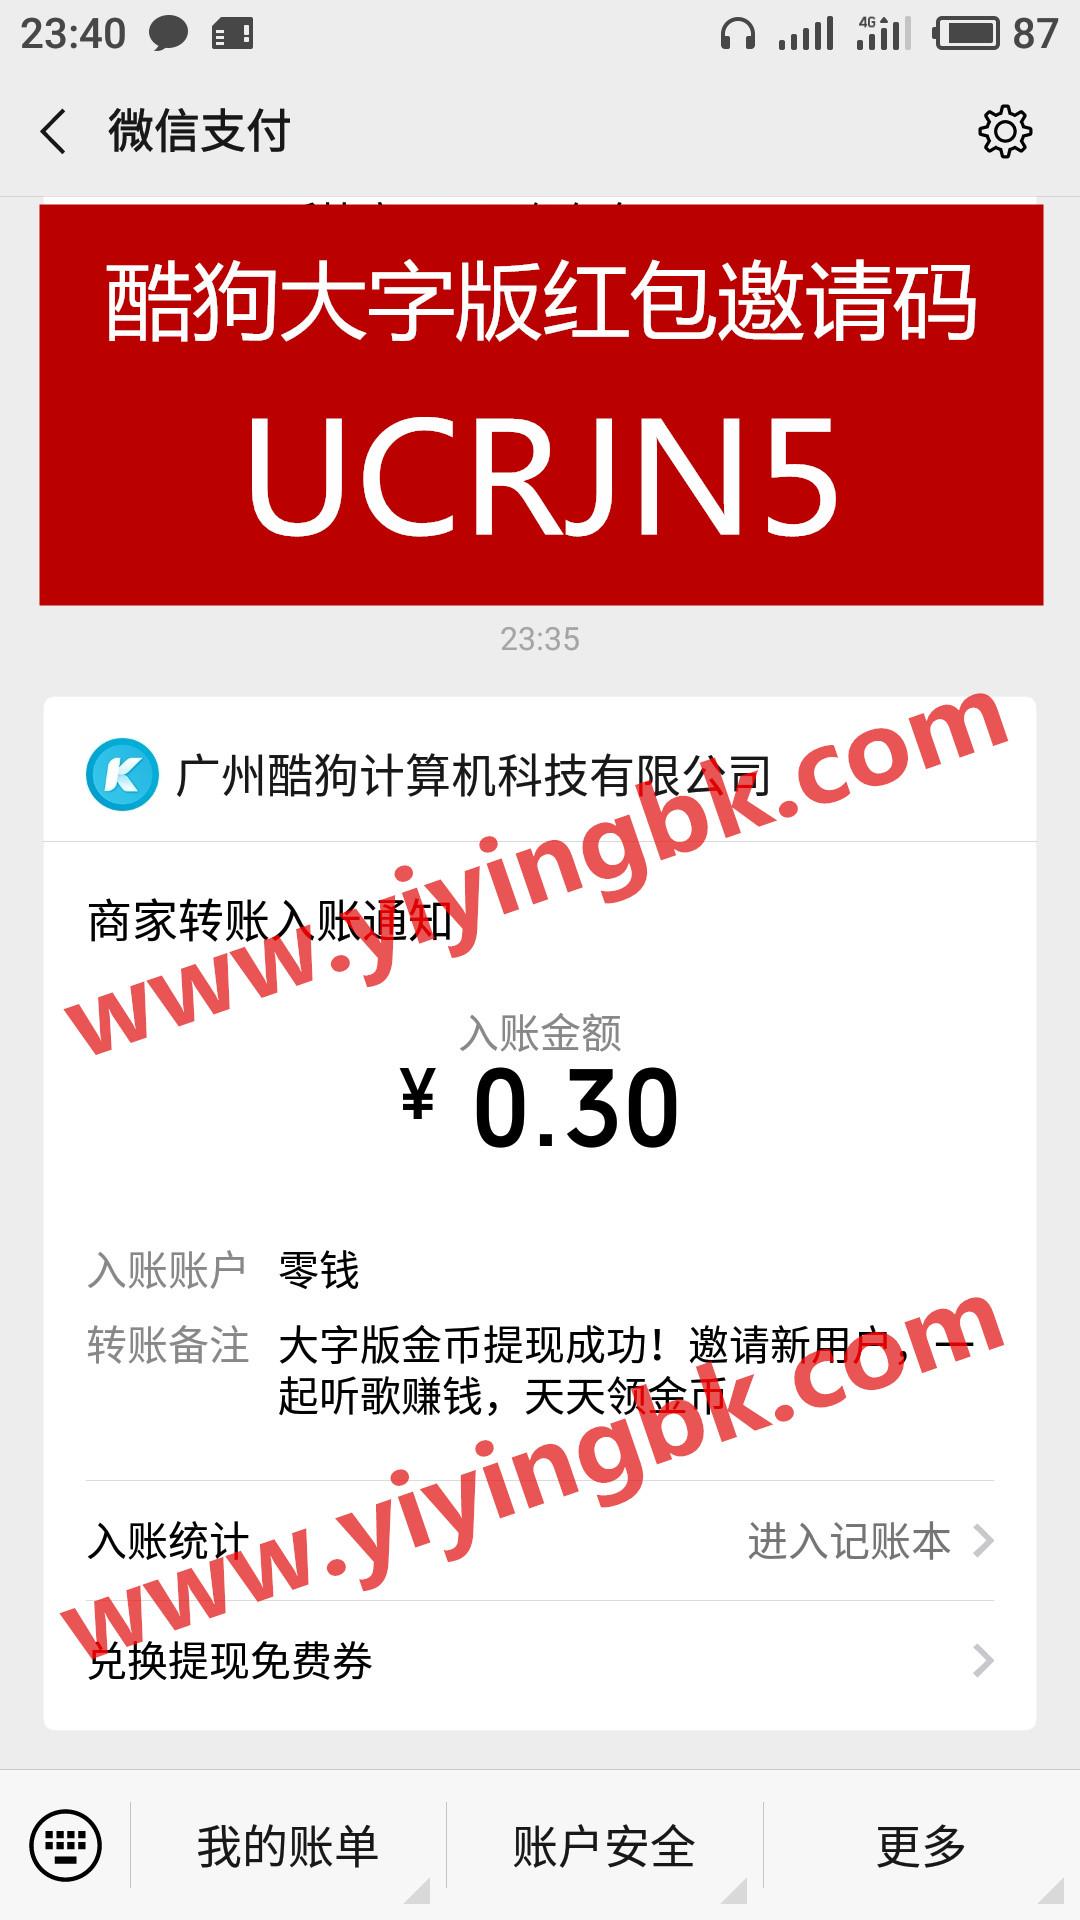 酷狗音乐大字版红包邀请码UCRJN5,免费听歌听音乐还能领红包赚零花钱,微信提现0.3元秒到账。www.yiyingbk.com